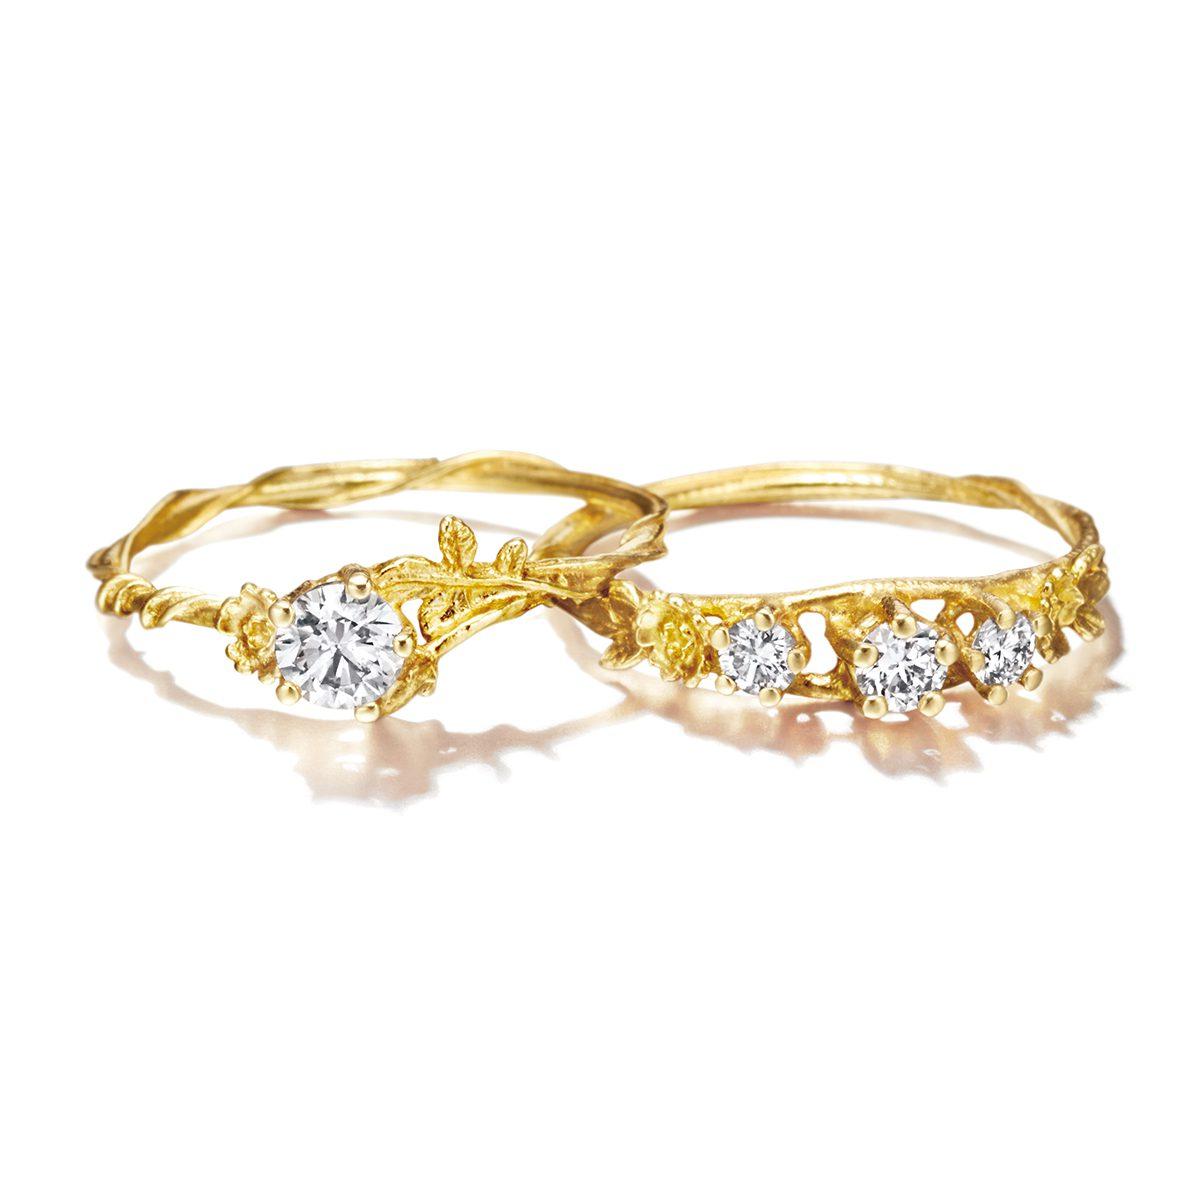 ALEX MONROE WILD ROSE Rosa Alba / Rosa Centifolia|Engagement Rings